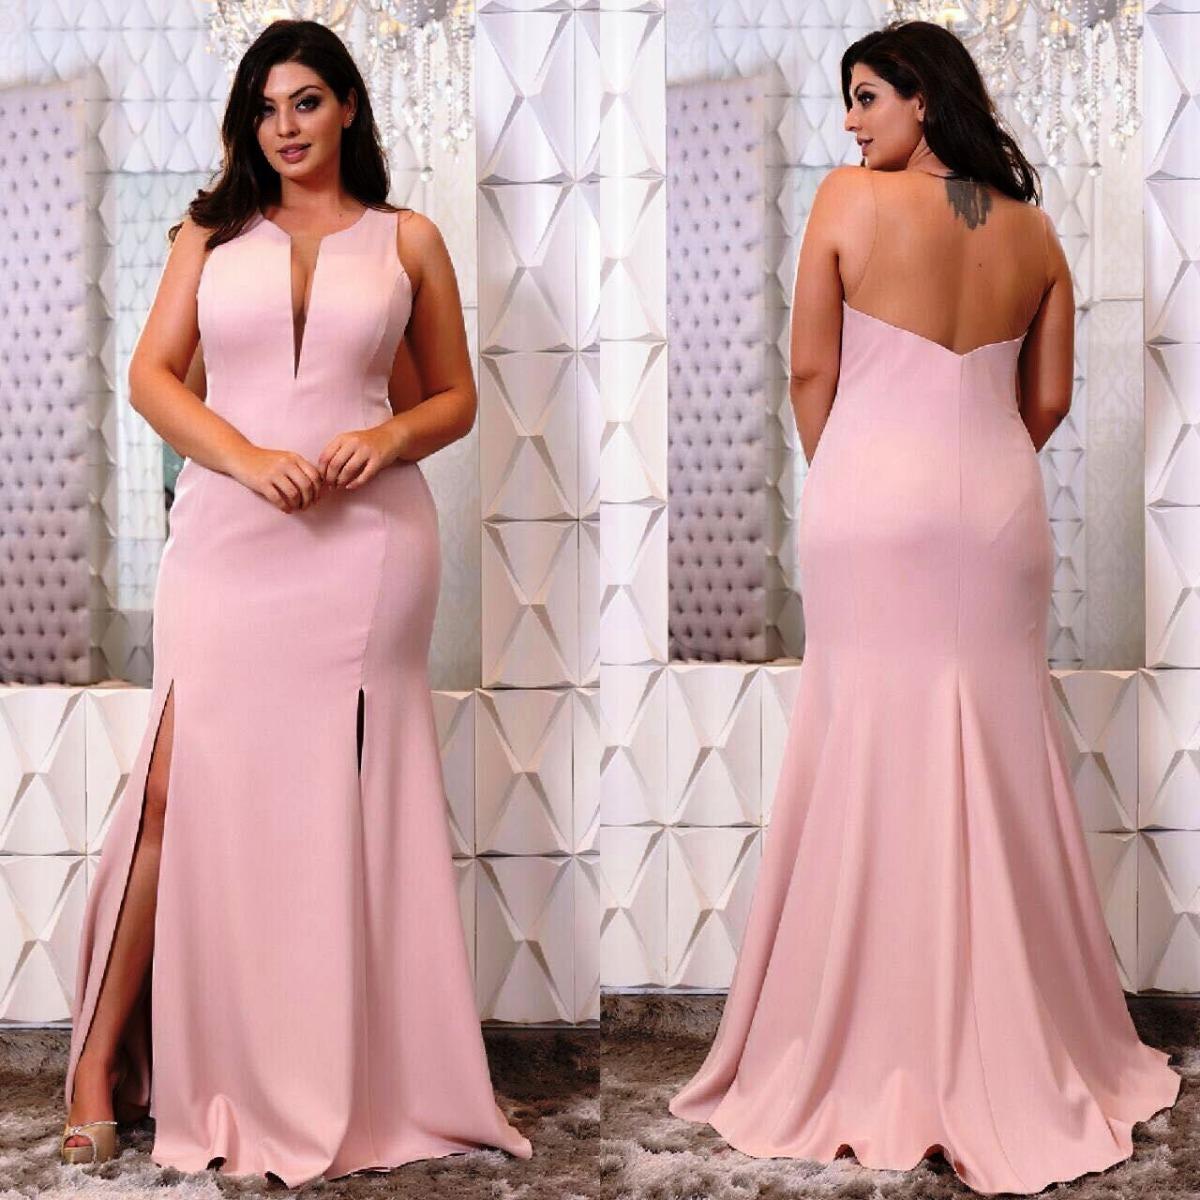 Vestido de Madrinha Plus Size - 40 modelos incríveis